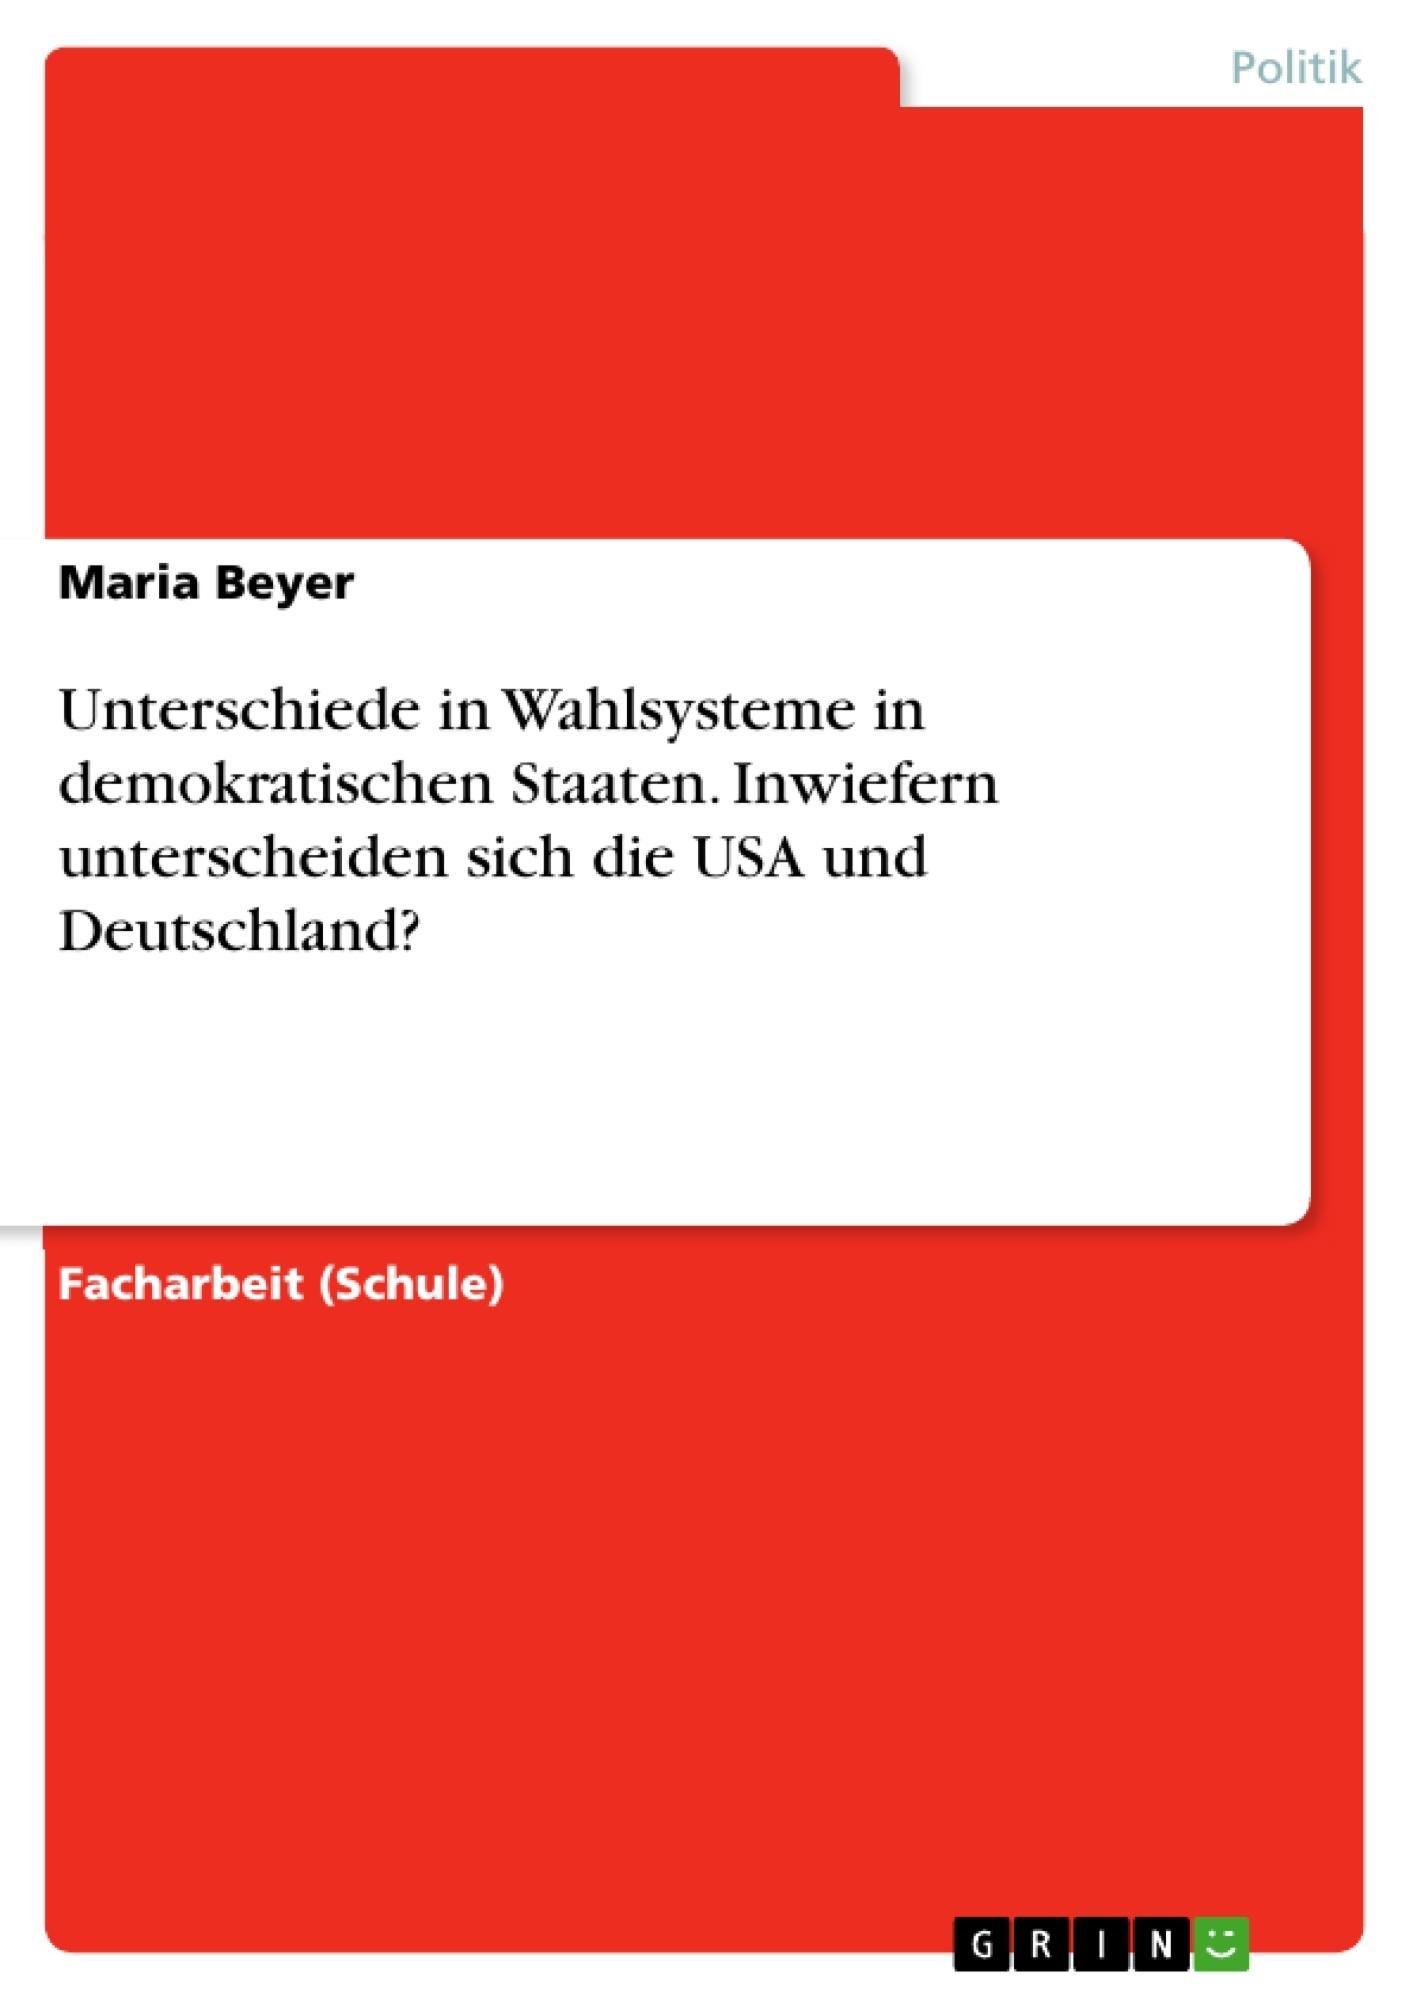 Titel: Unterschiede in Wahlsysteme in demokratischen Staaten. Inwiefern unterscheiden sich die USA und Deutschland?